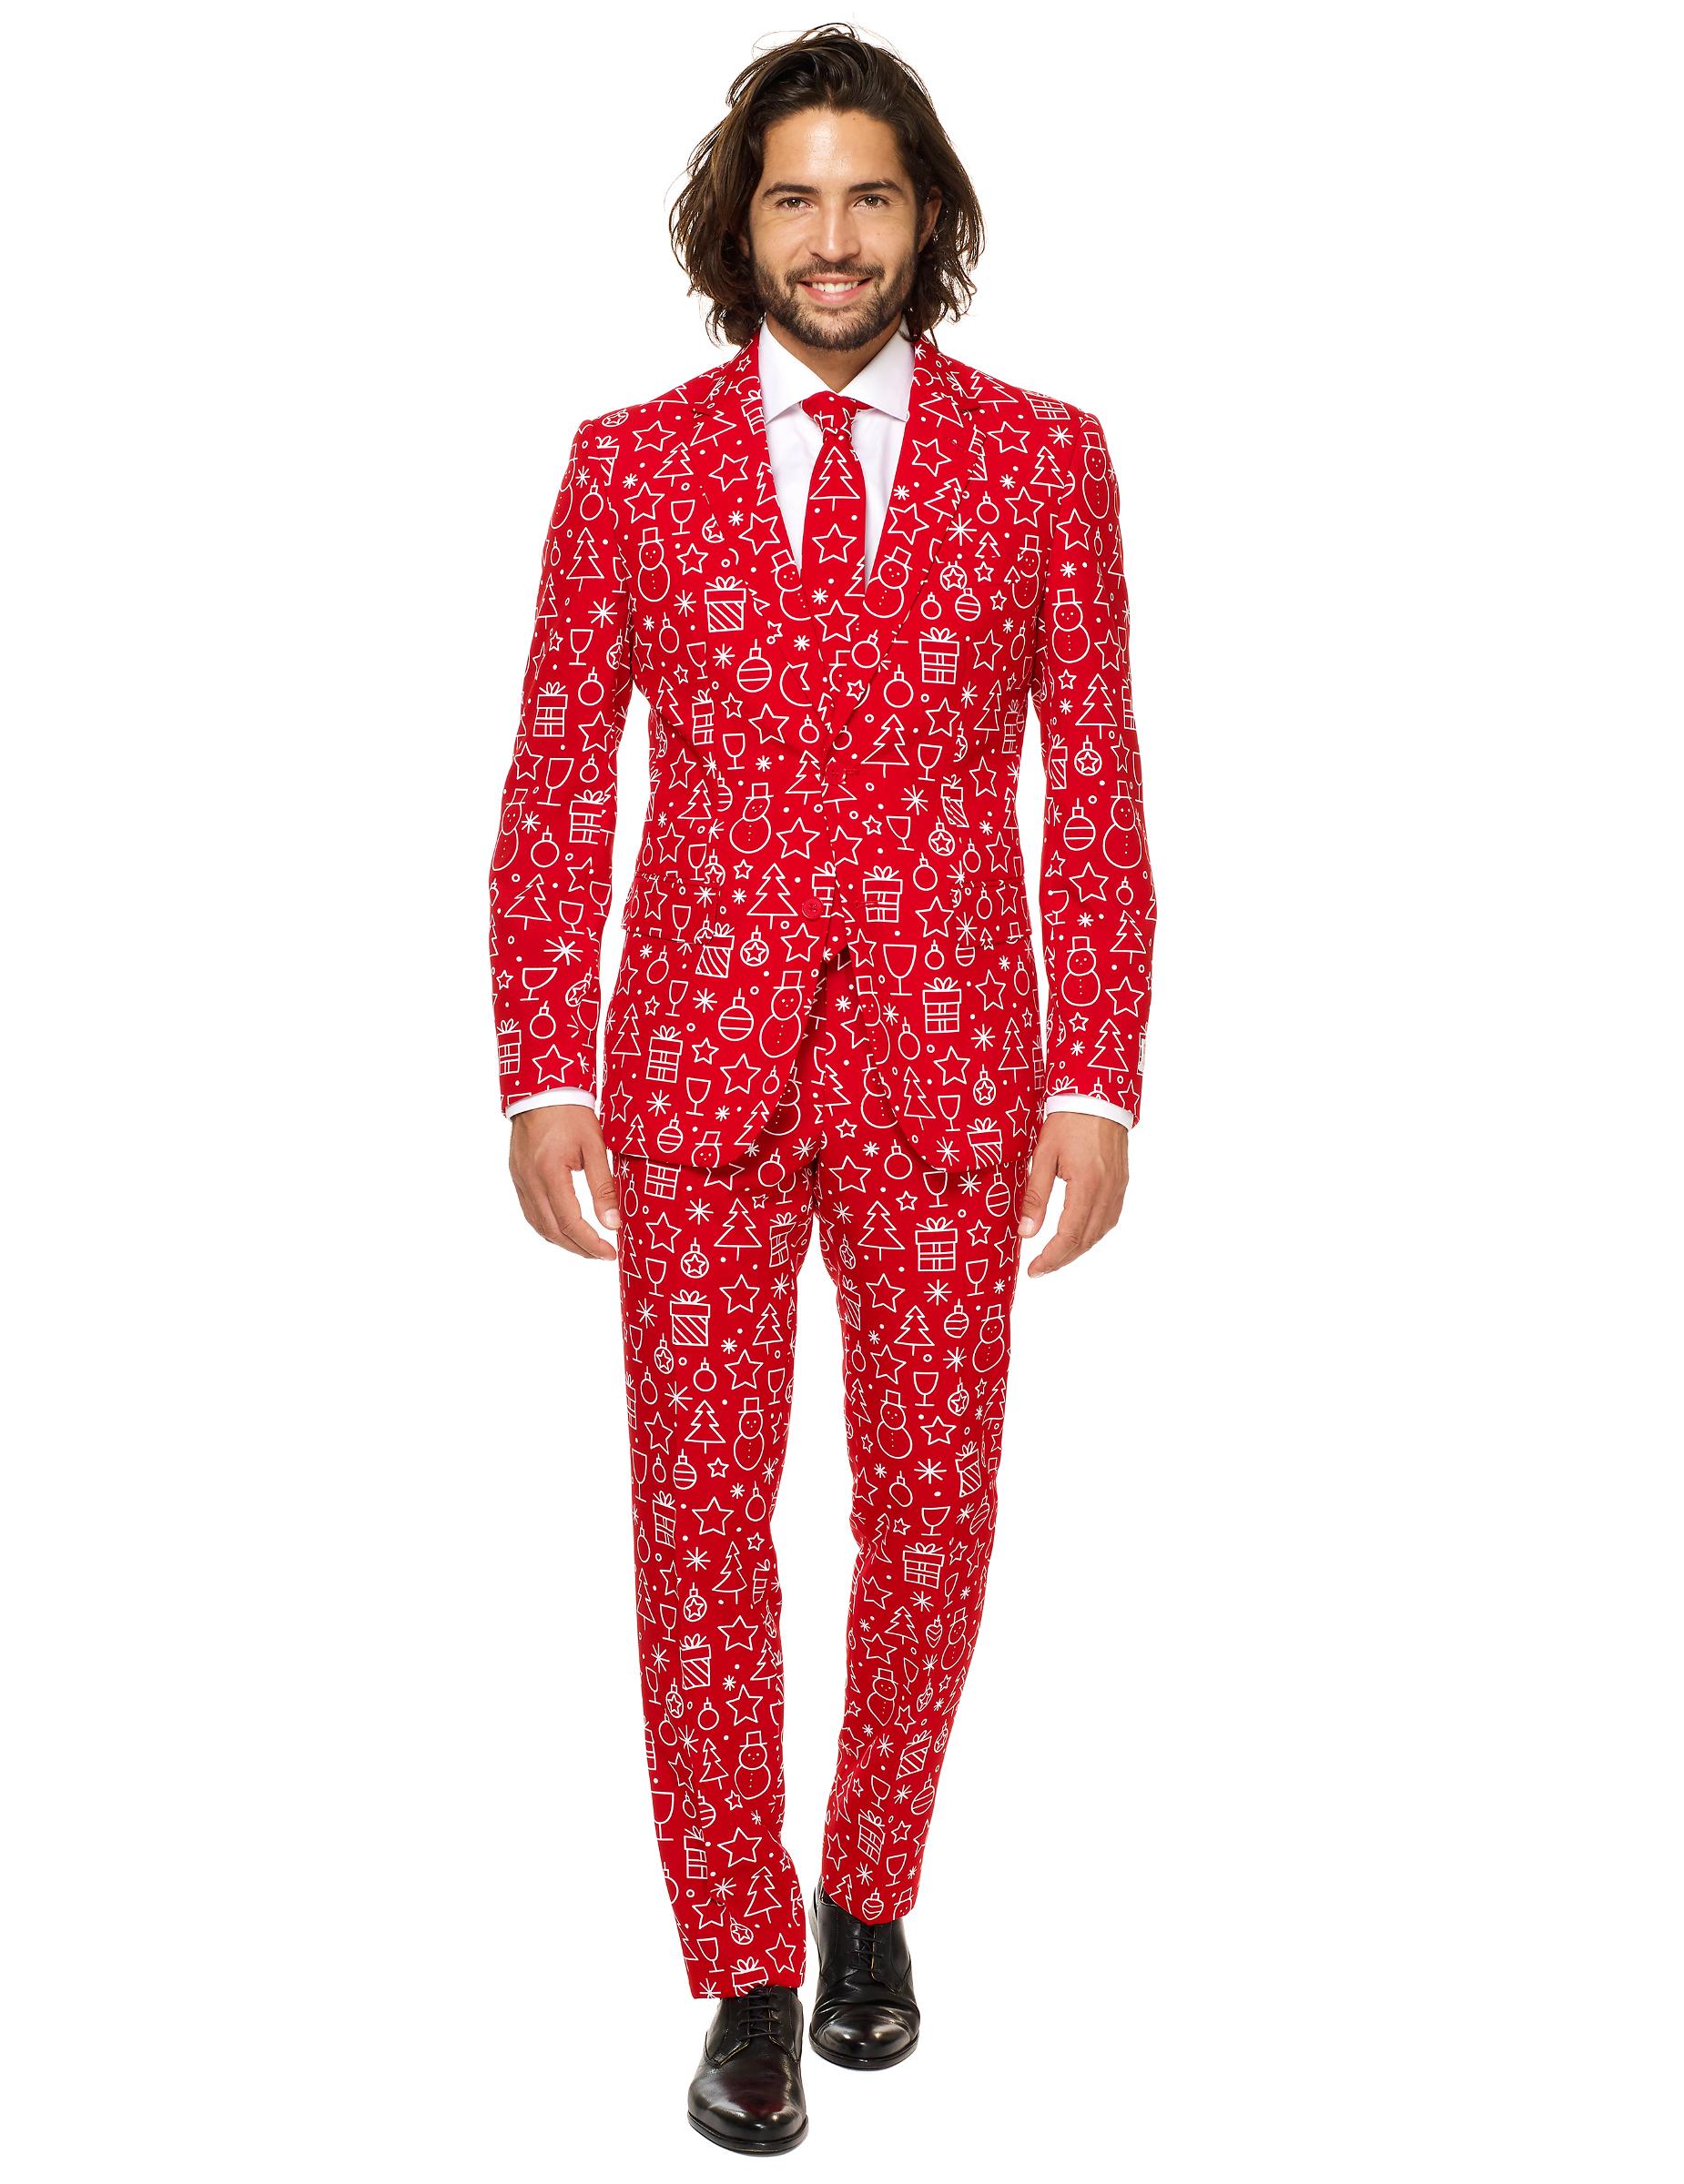 mr iconicool herren anzug opposuits rot wei kost me f r erwachsene und g nstige. Black Bedroom Furniture Sets. Home Design Ideas